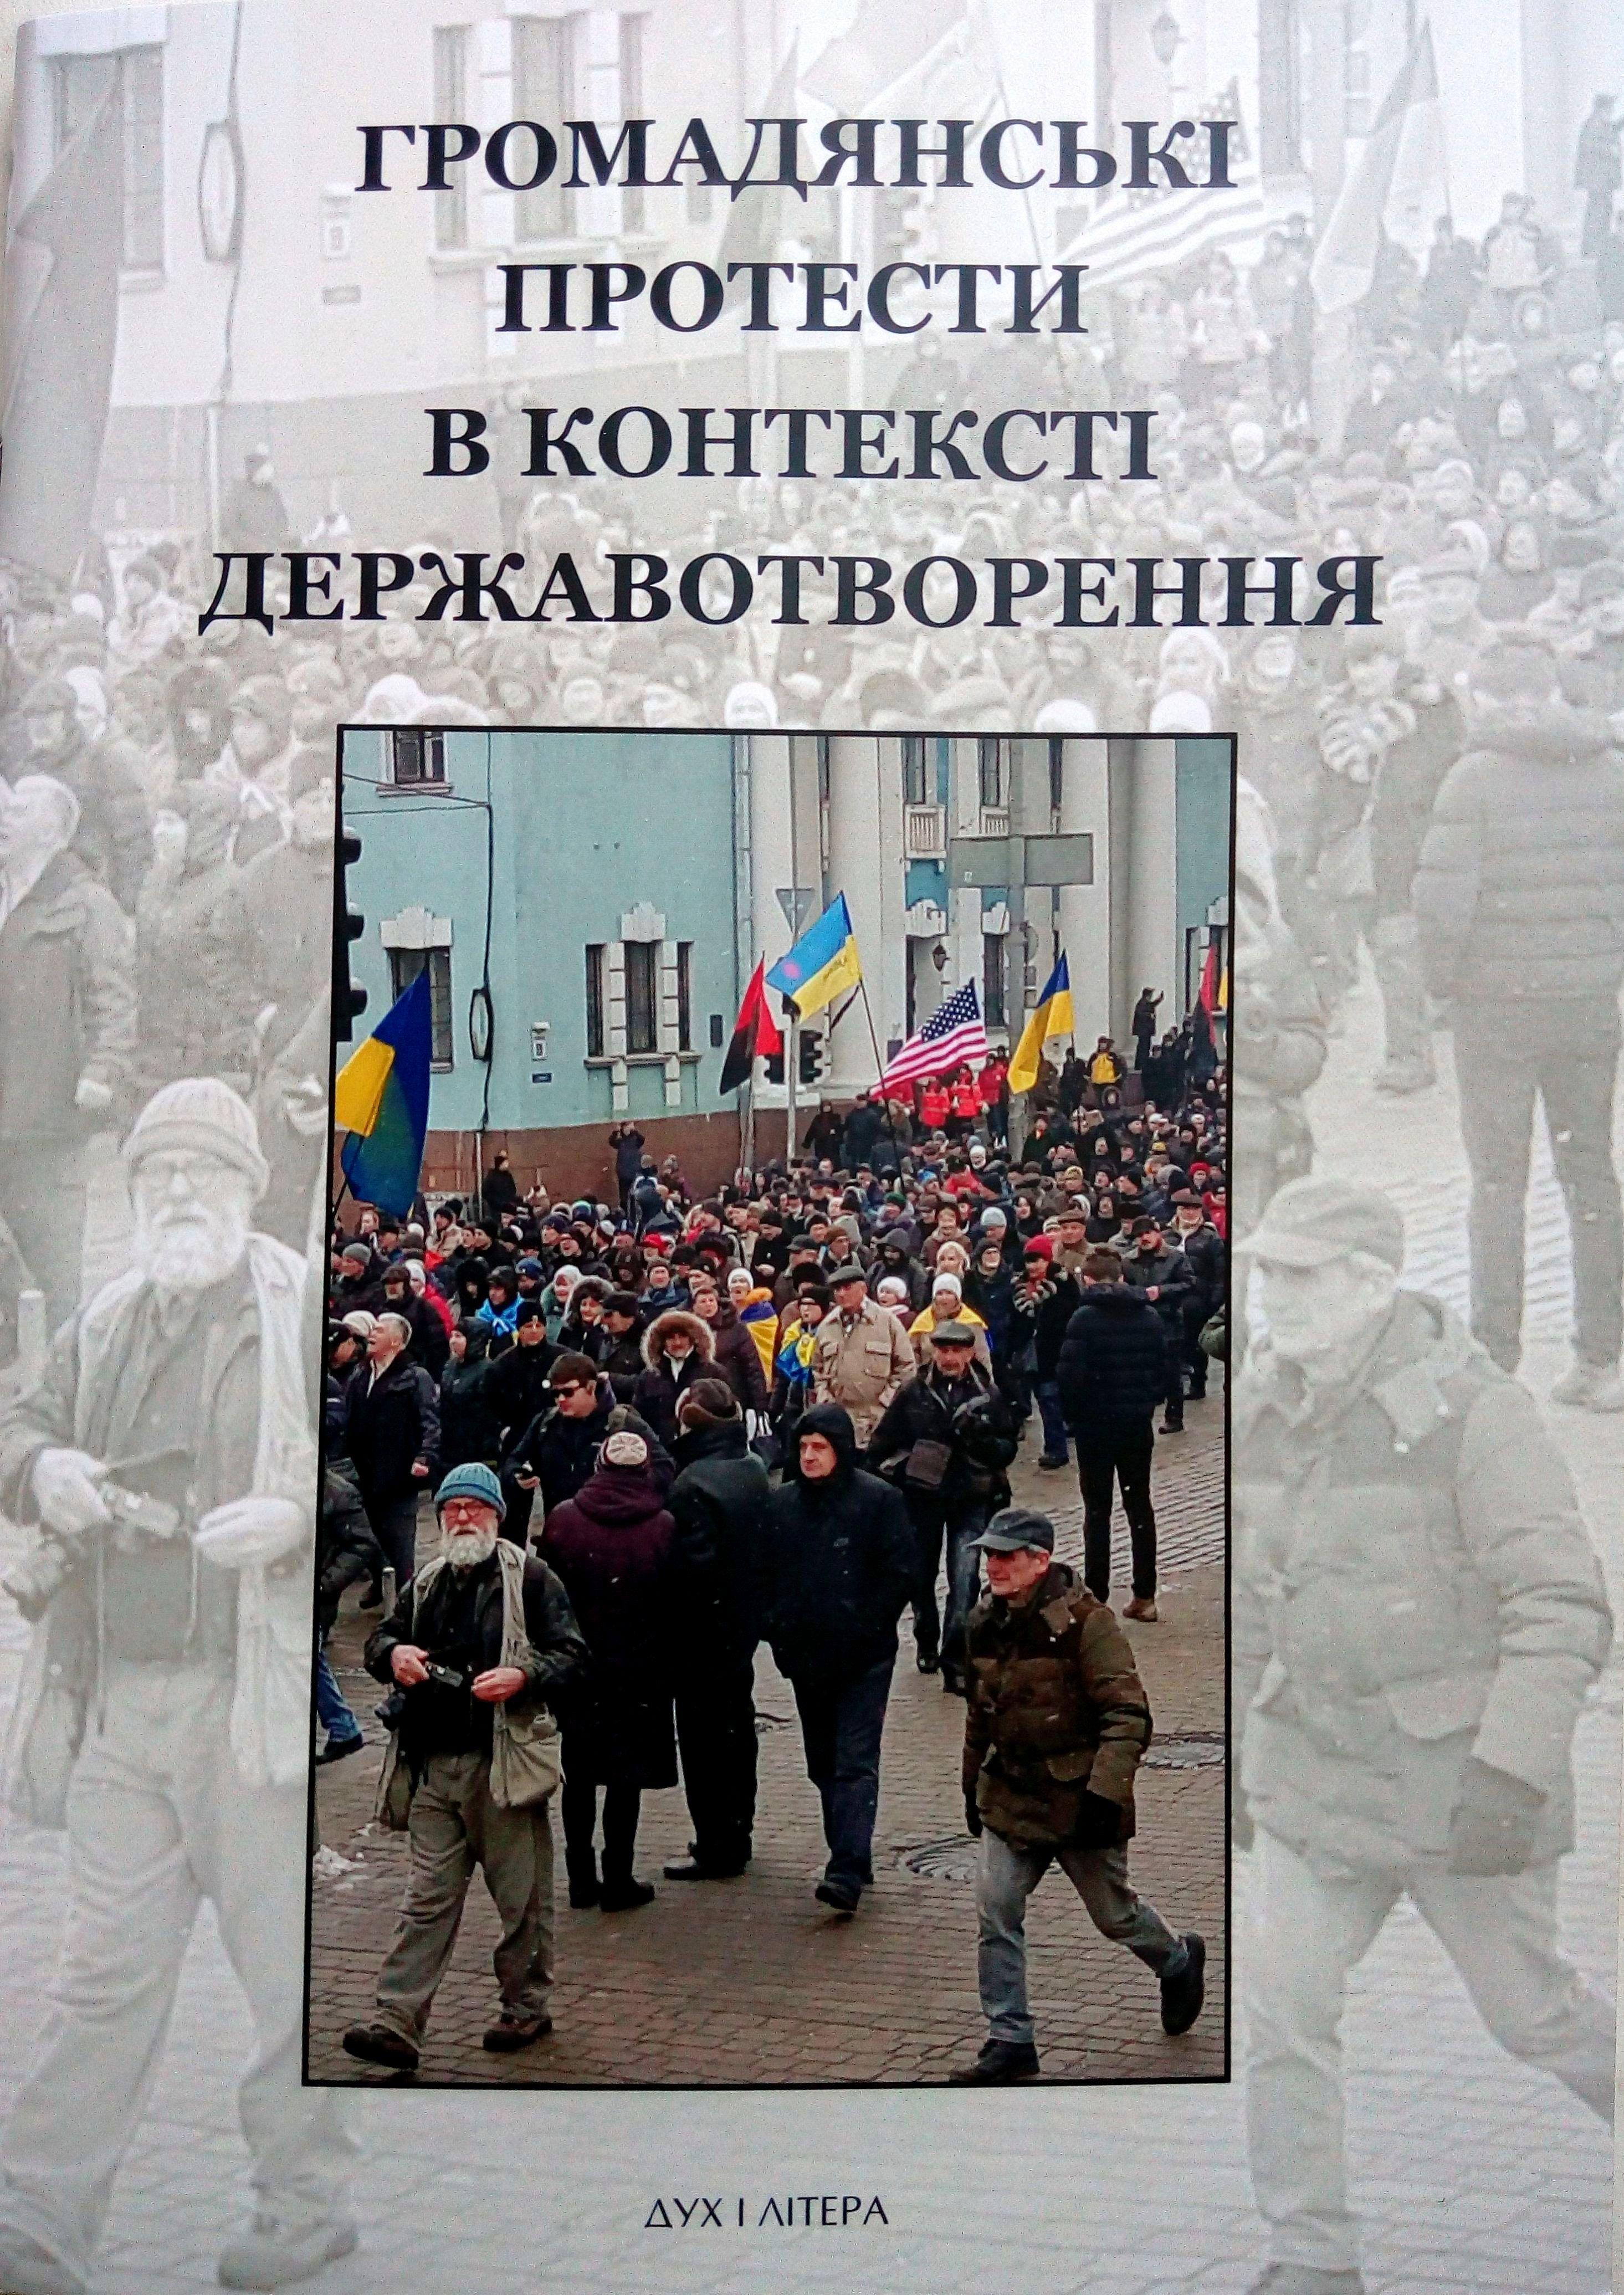 Громадянські протести в контексті державотворення